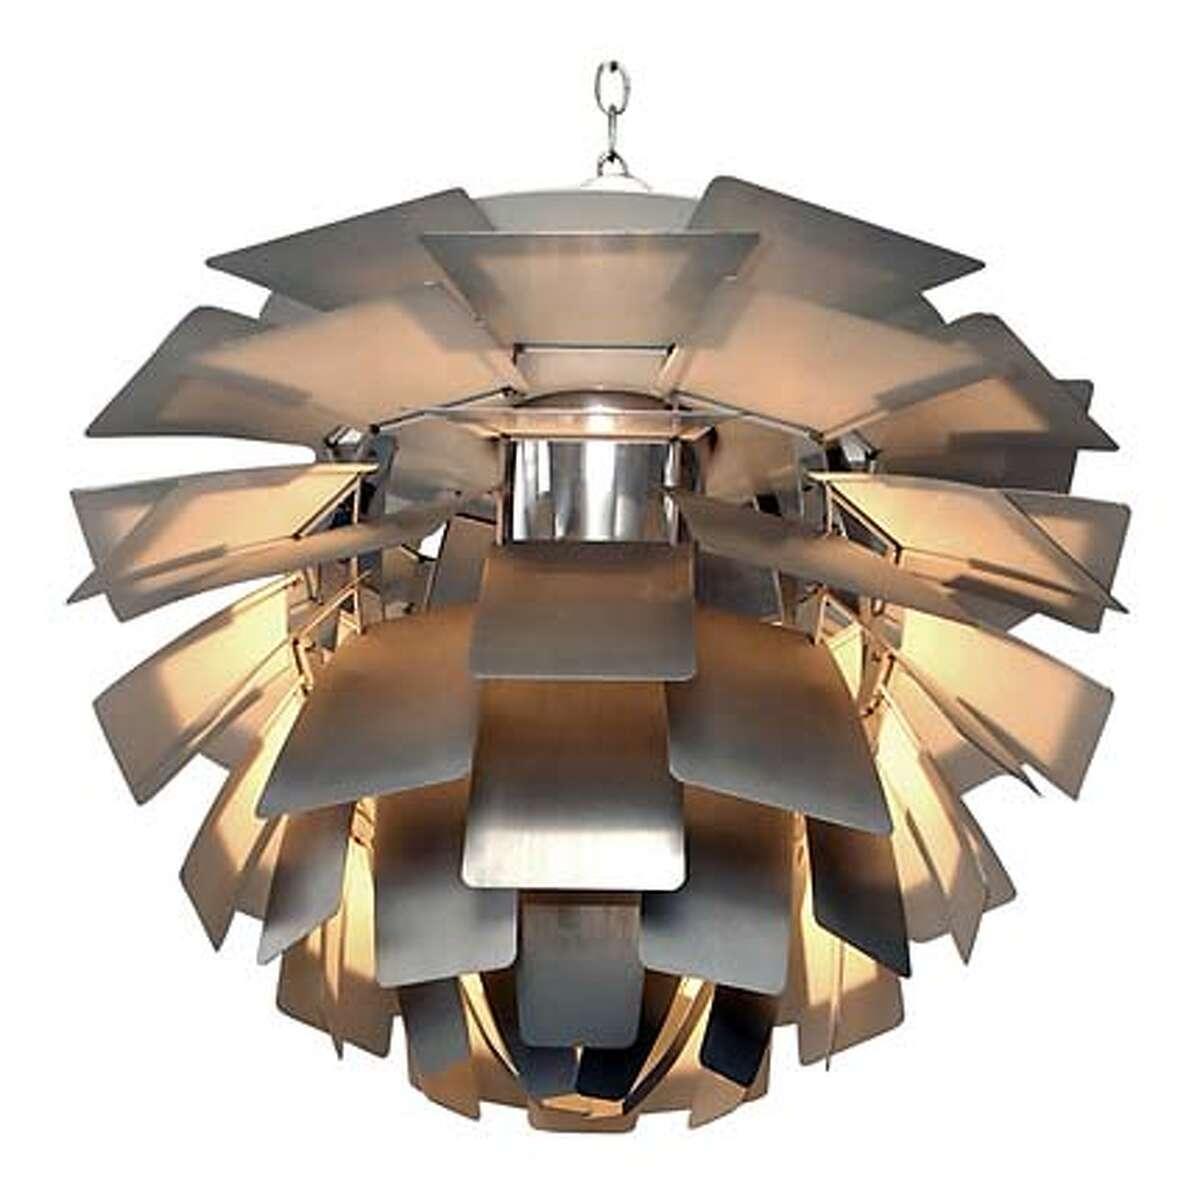 1960s Poul Henningsen artichoke chandelier, $5,800